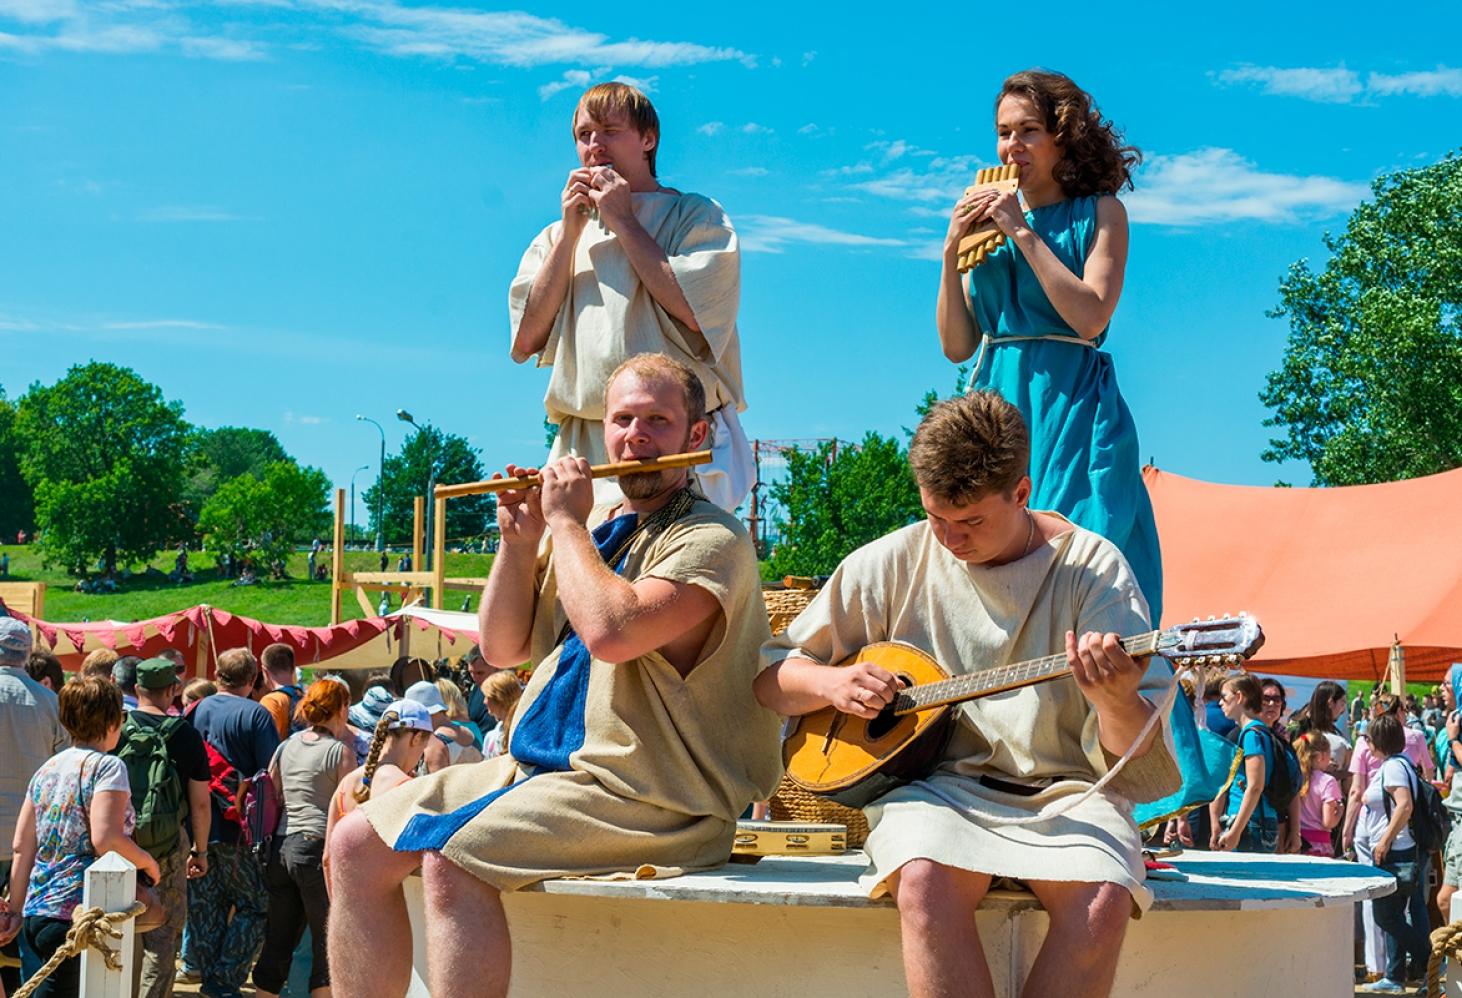 Исторический фестиваль «Времена и эпохи», Москва, Россия 01.06. 2017-12.06. 2017